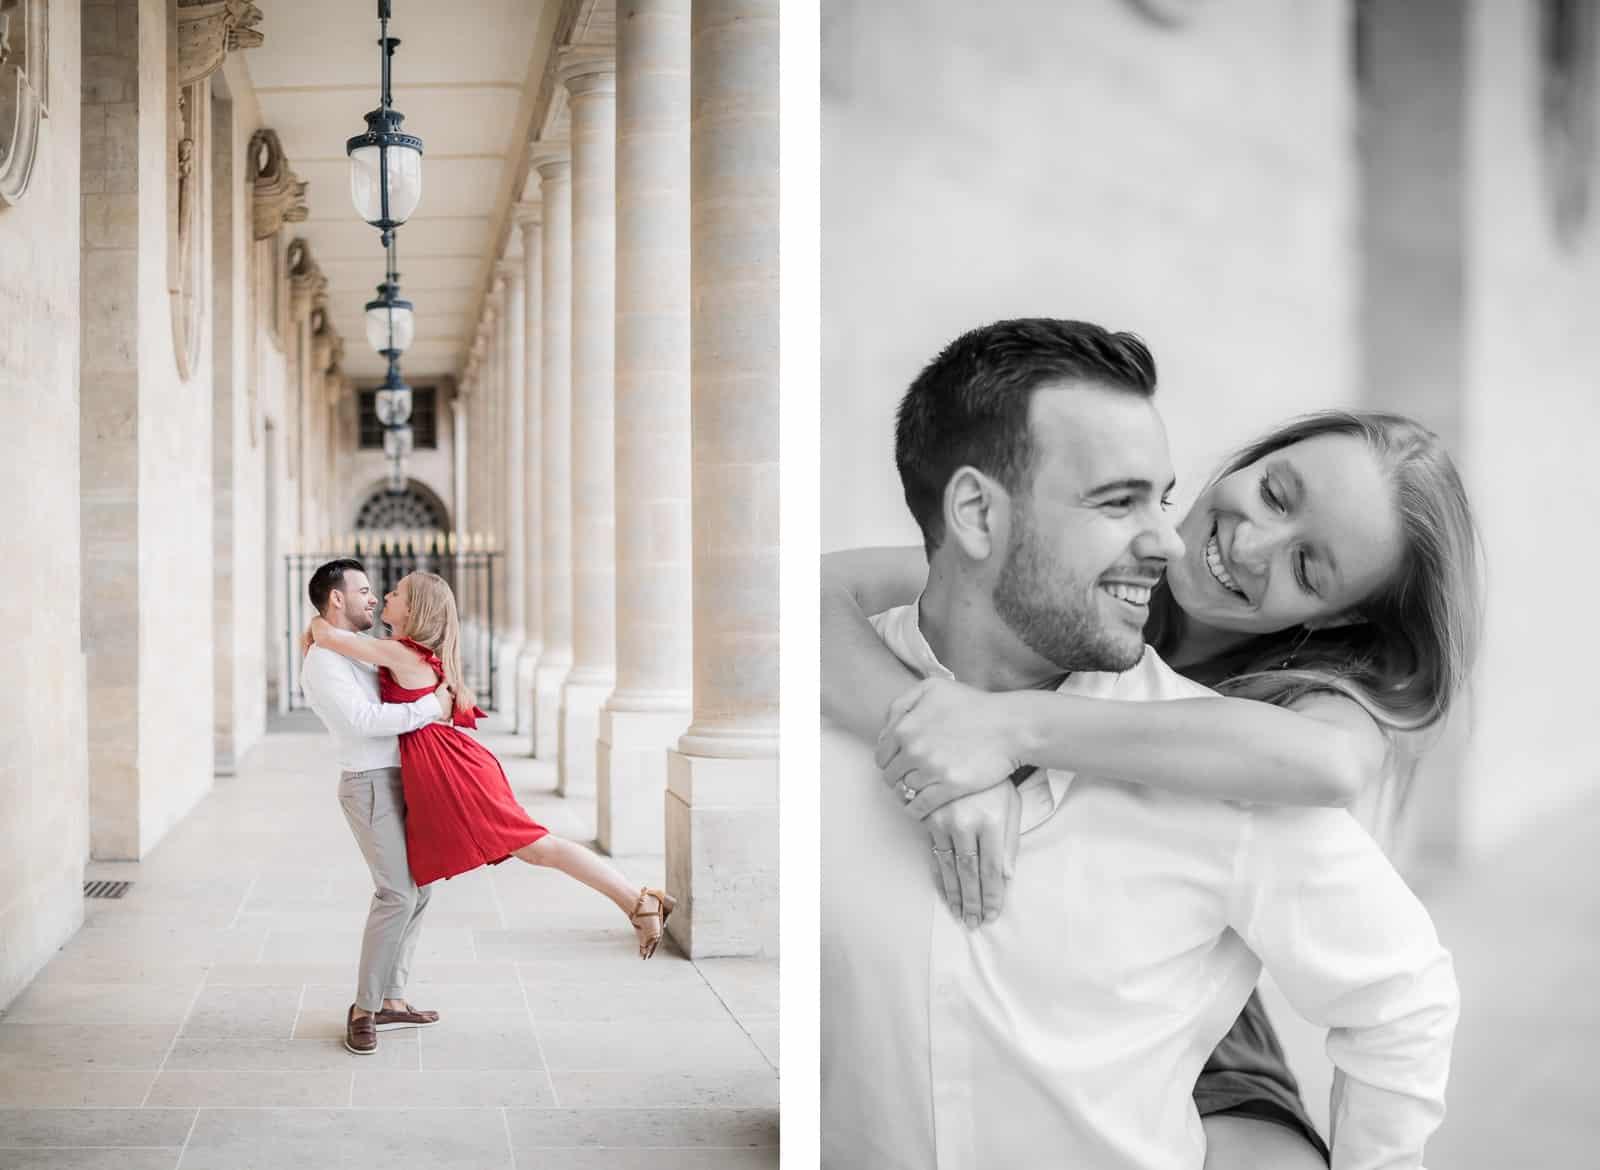 Photo de Mathieu Dété, couple enlacé dans les allées du Palais Royal de Paris